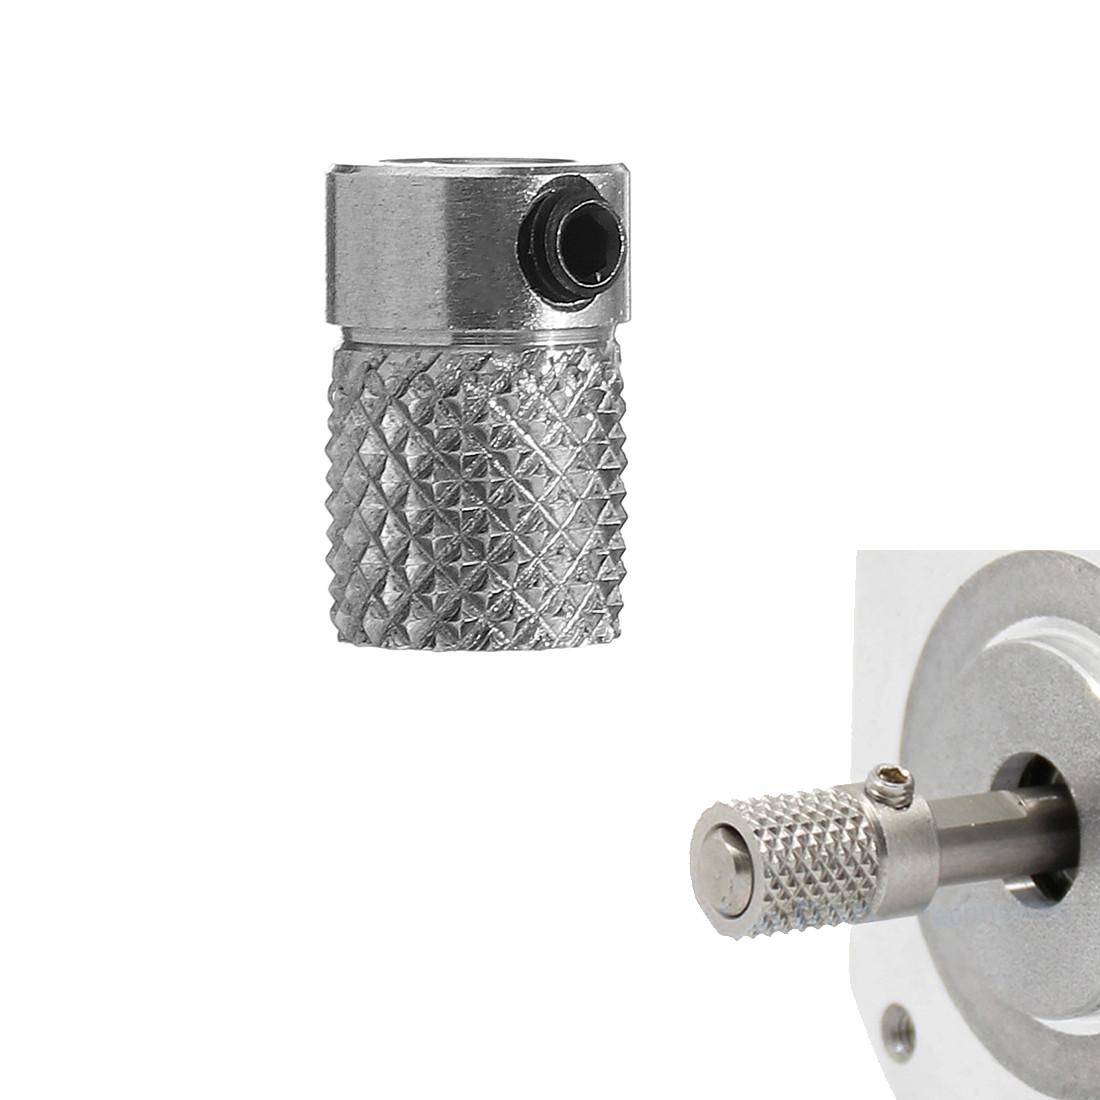 5шт 12 * 8 мм Ultimaker2 из нержавеющей стали Оригинальное колесо для экструзионного колеса с накаткой для 3D-принтера - 1TopShop